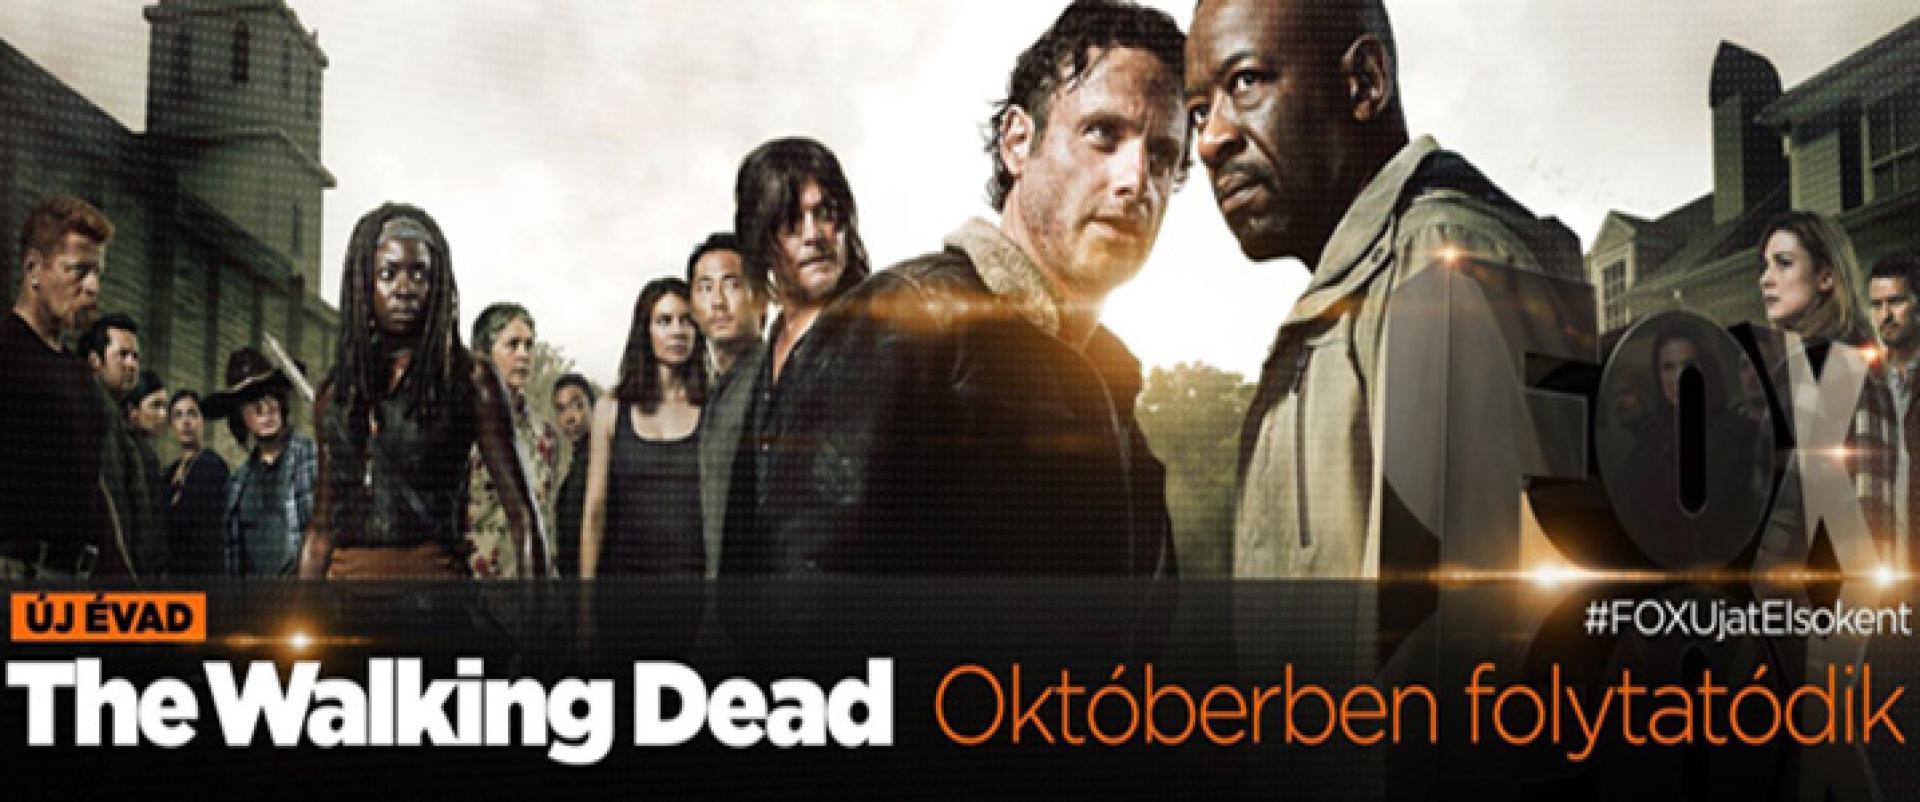 The Walking Dead, 6. évad: egy jelenet az első részből